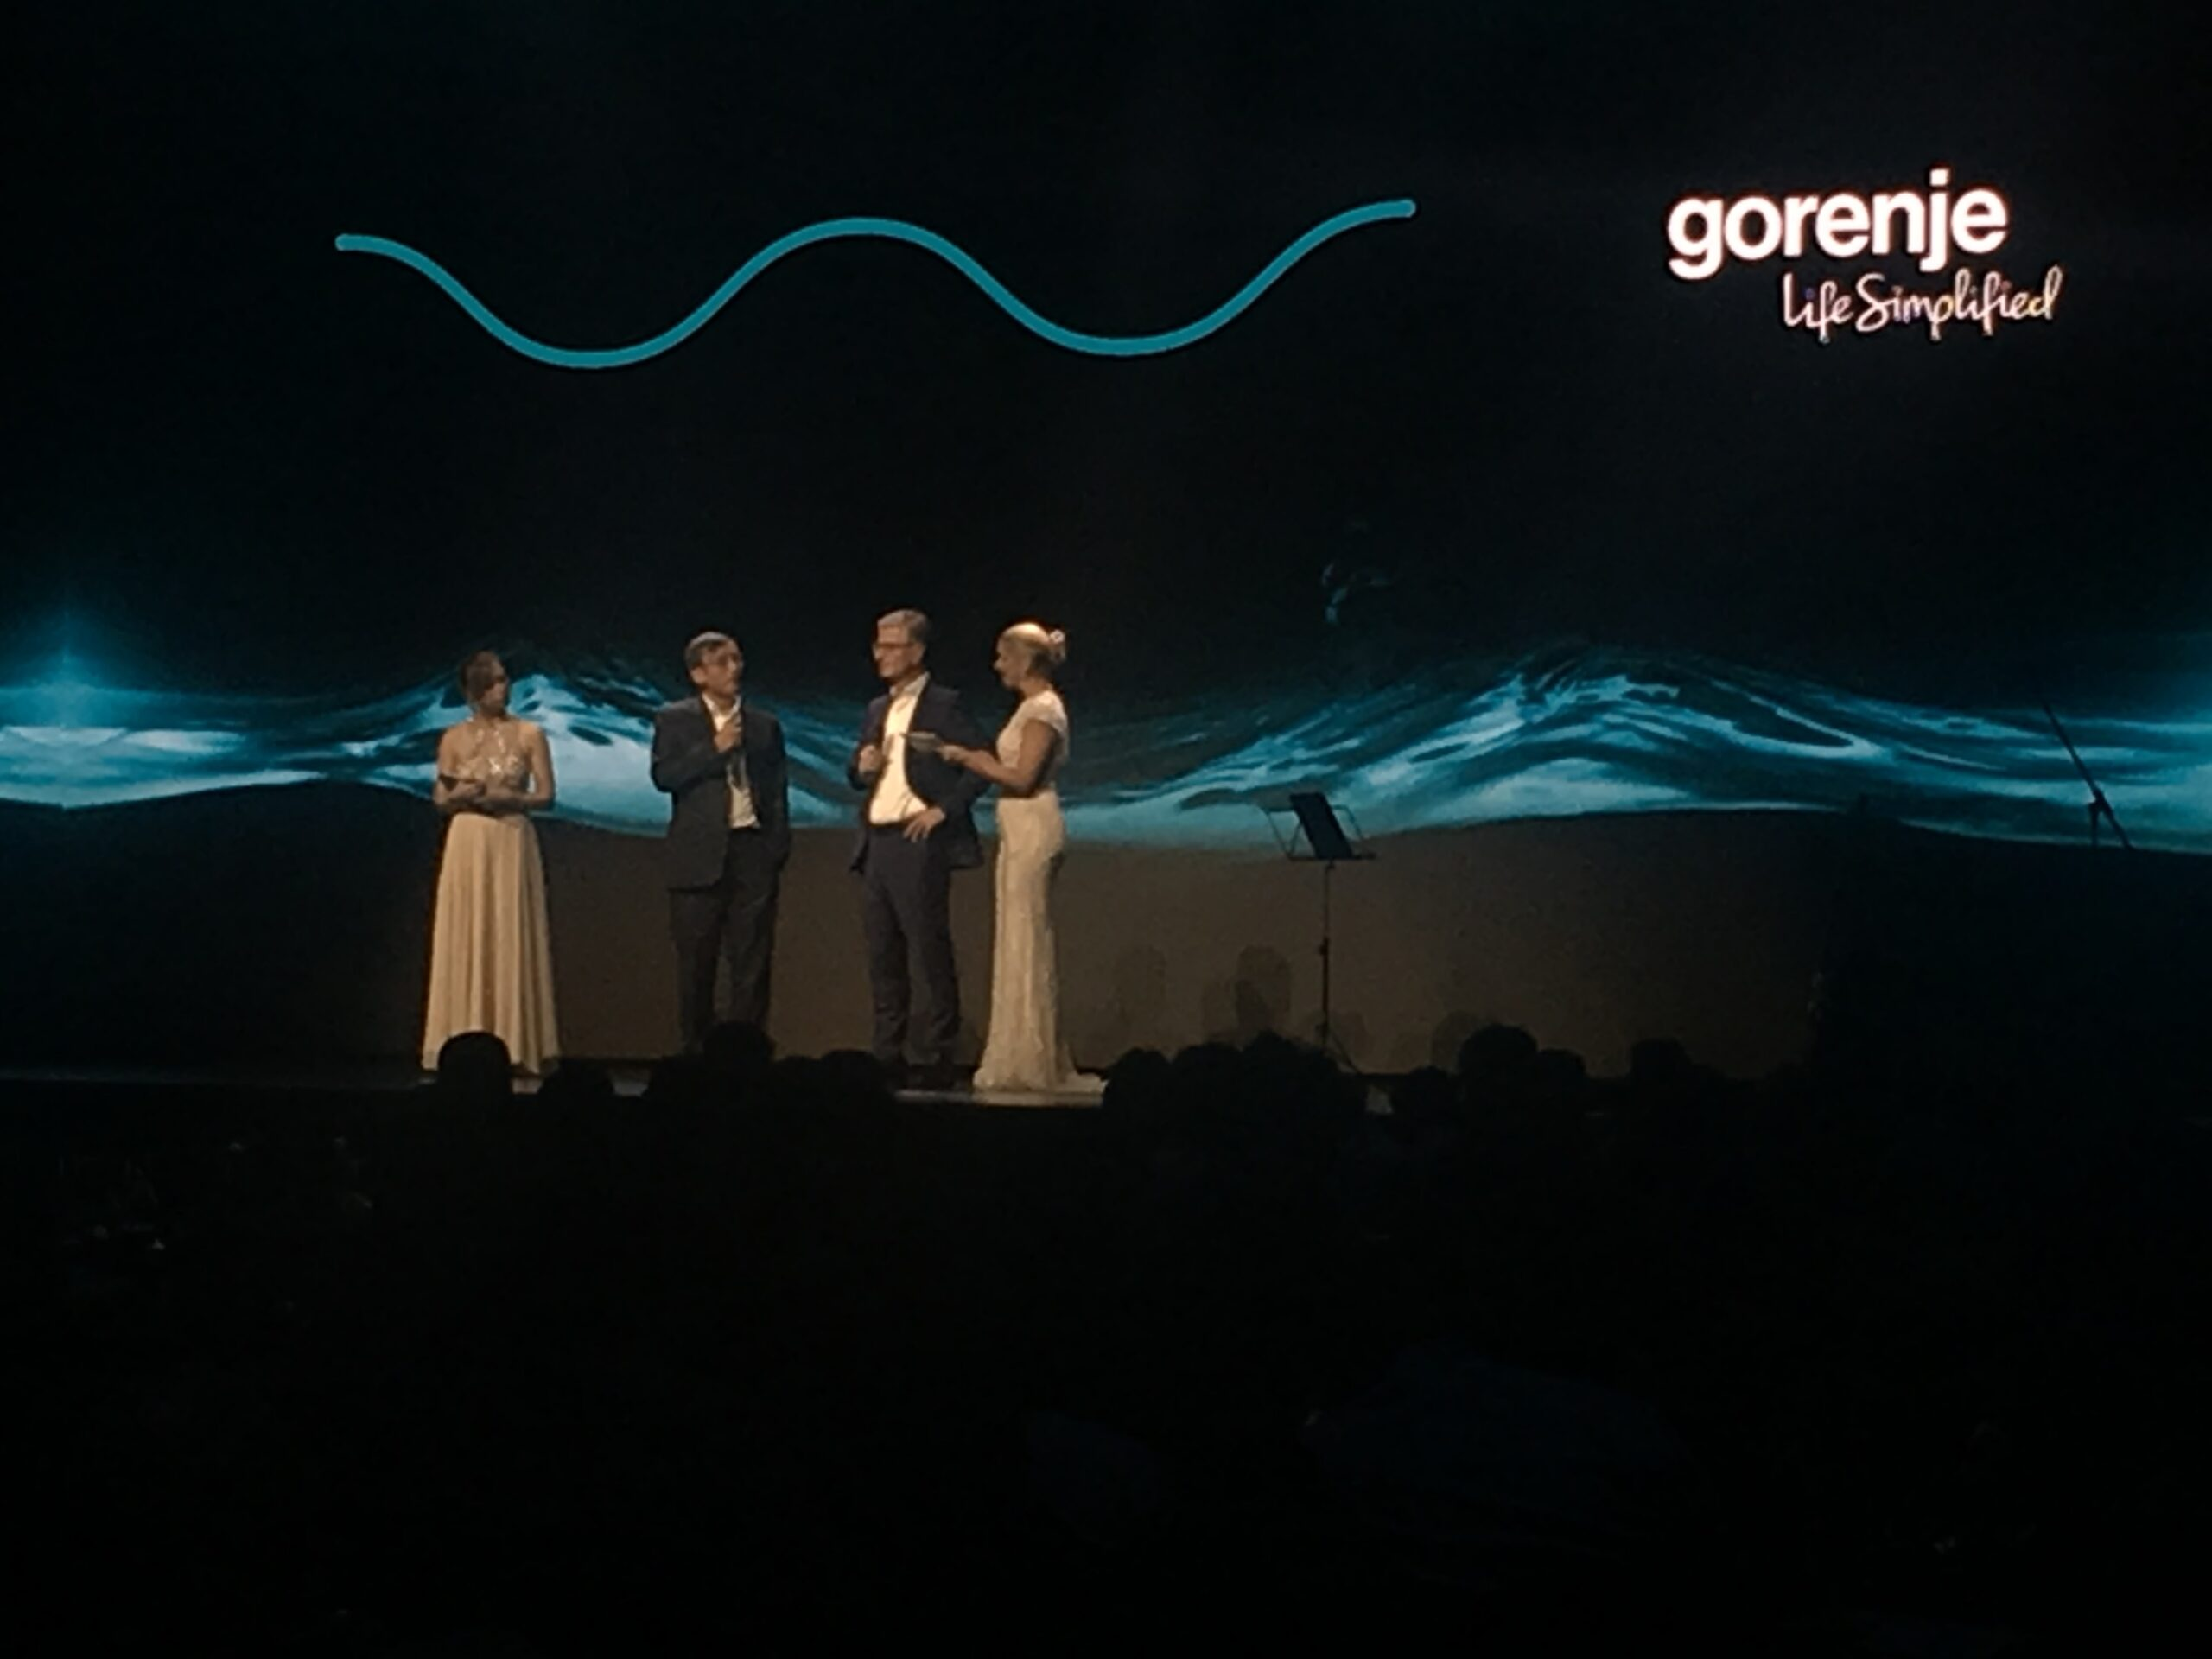 GORENJE - Marina Portorož